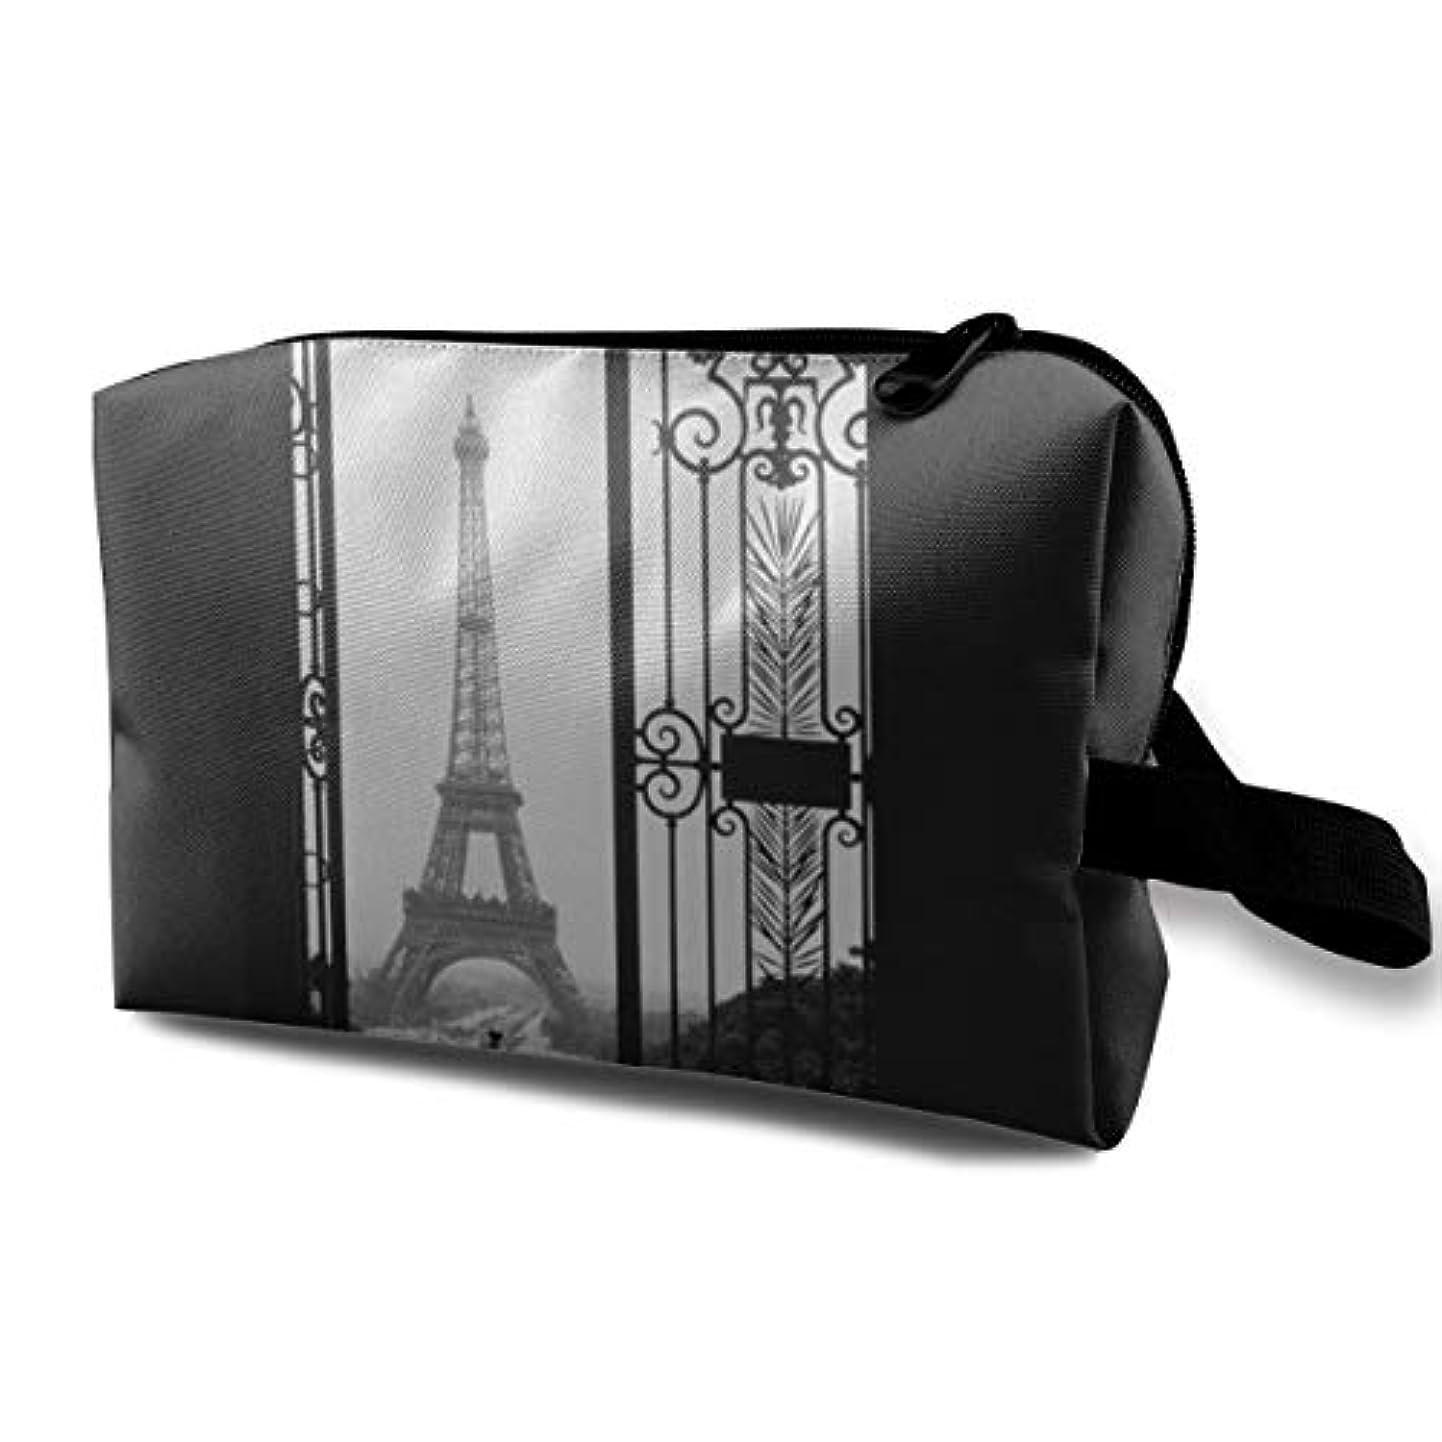 スクランブル管理一節Eiffel Tower In Paris 収納ポーチ 化粧ポーチ 大容量 軽量 耐久性 ハンドル付持ち運び便利。入れ 自宅?出張?旅行?アウトドア撮影などに対応。メンズ レディース トラベルグッズ